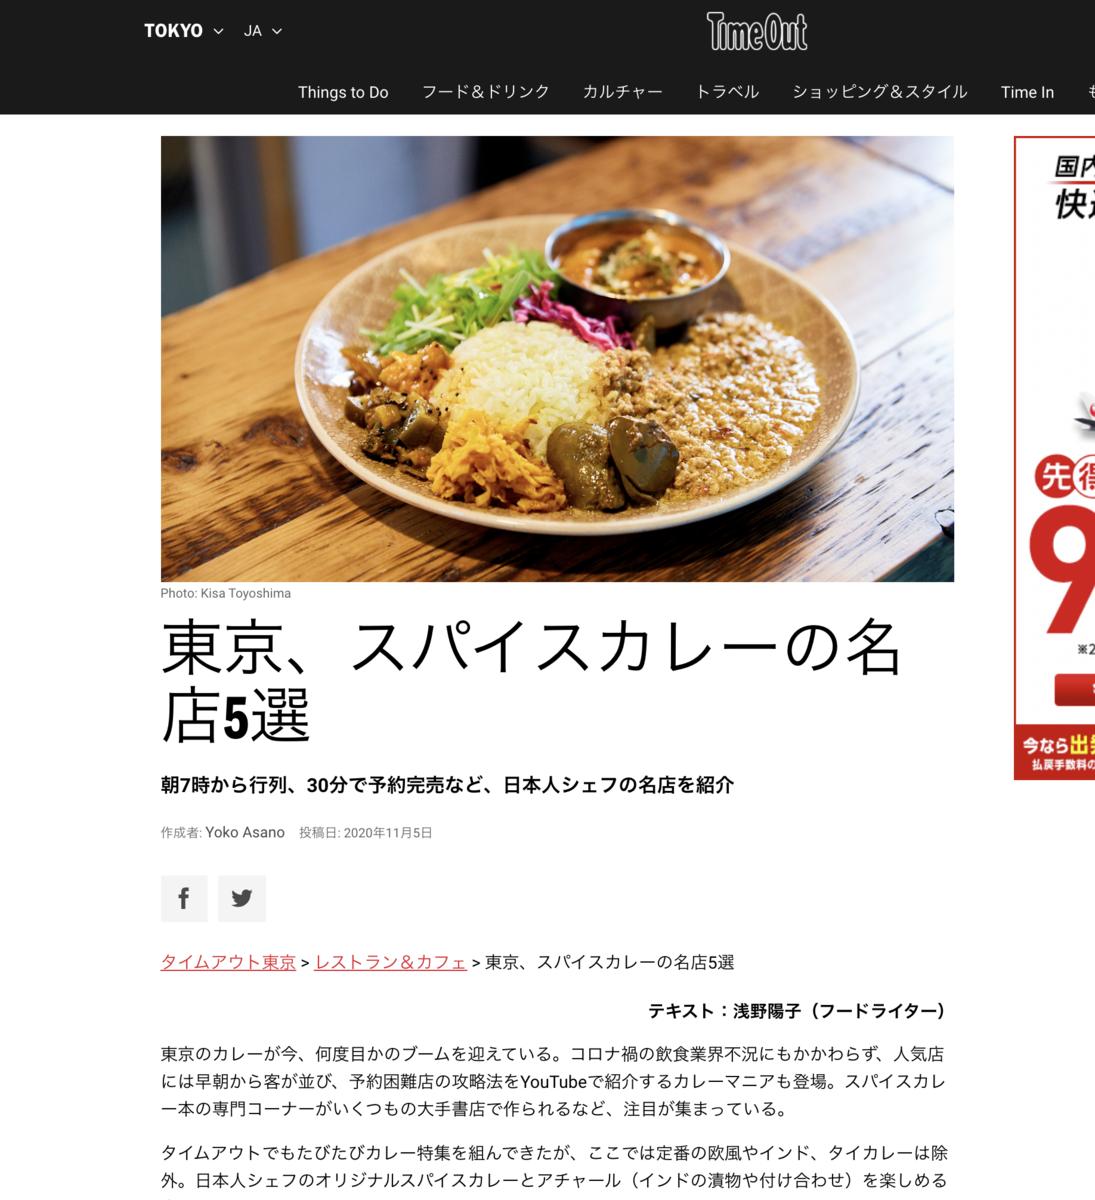 タイムアウト東京 特集 スパイスカレー